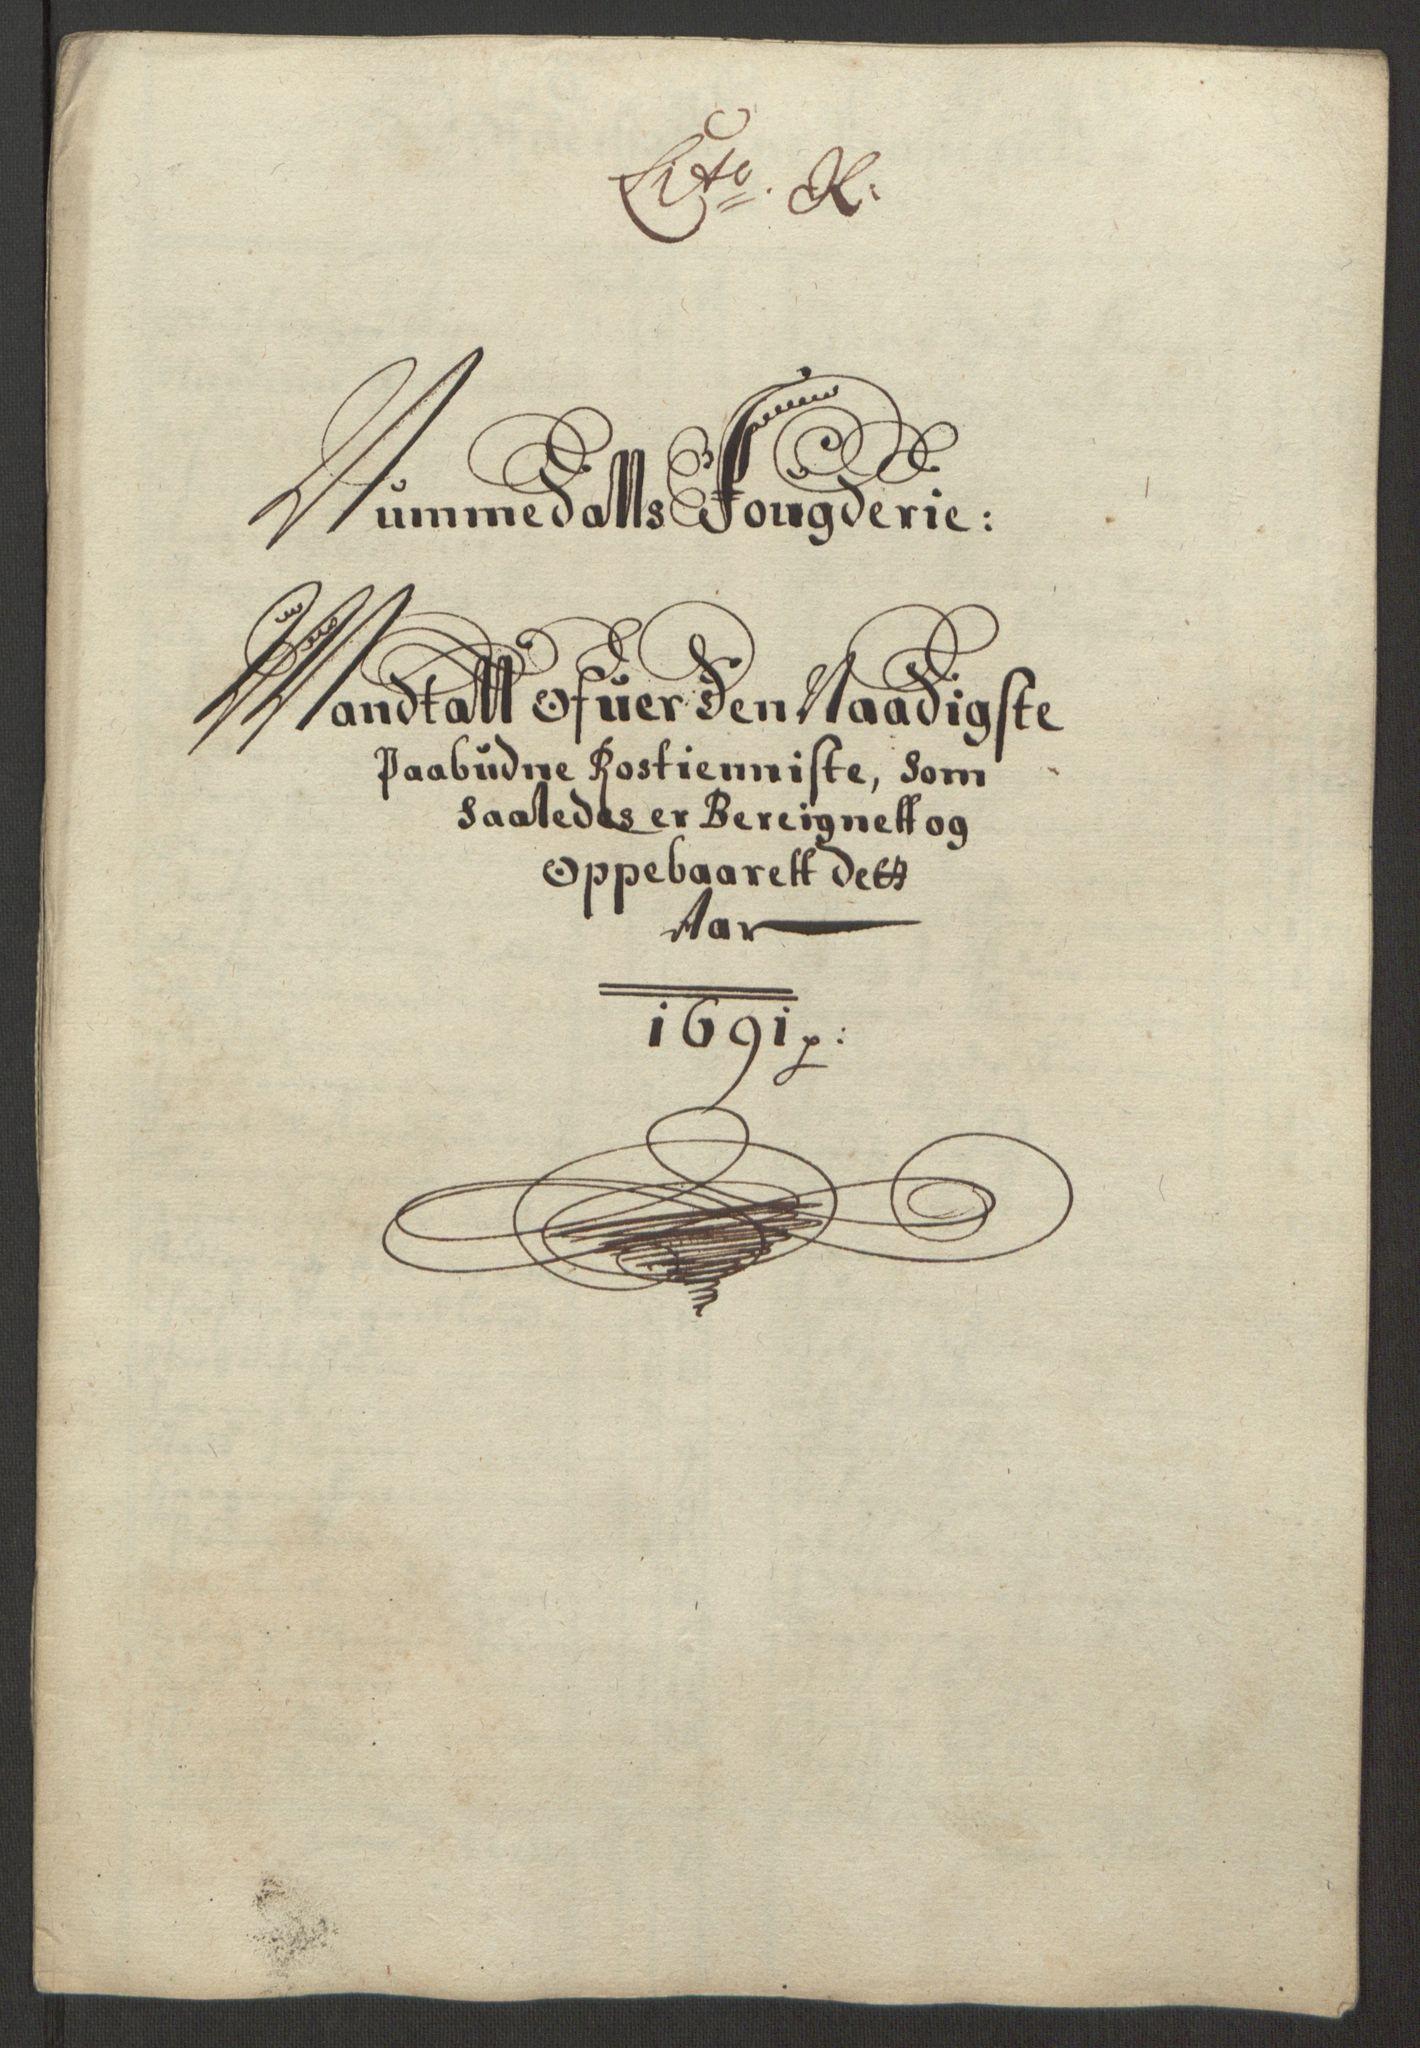 RA, Rentekammeret inntil 1814, Reviderte regnskaper, Fogderegnskap, R64/L4423: Fogderegnskap Namdal, 1690-1691, s. 270